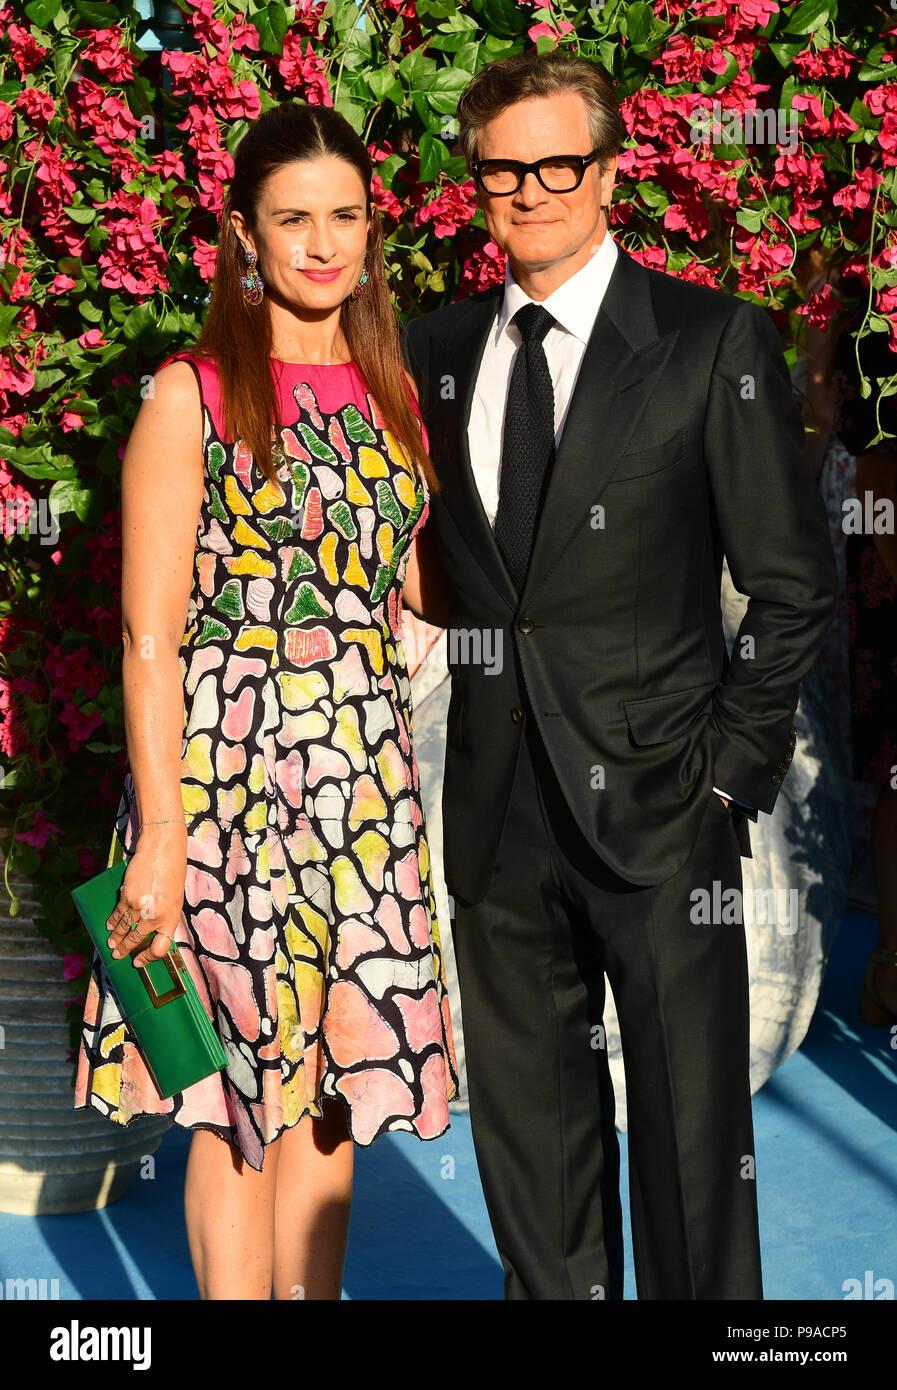 Livia Firth und Colin Firth die Teilnahme an der Premiere von Mamma Mia! Hier gehen wir wieder in den Eventim Hammersmith Apollo, London. Stockbild